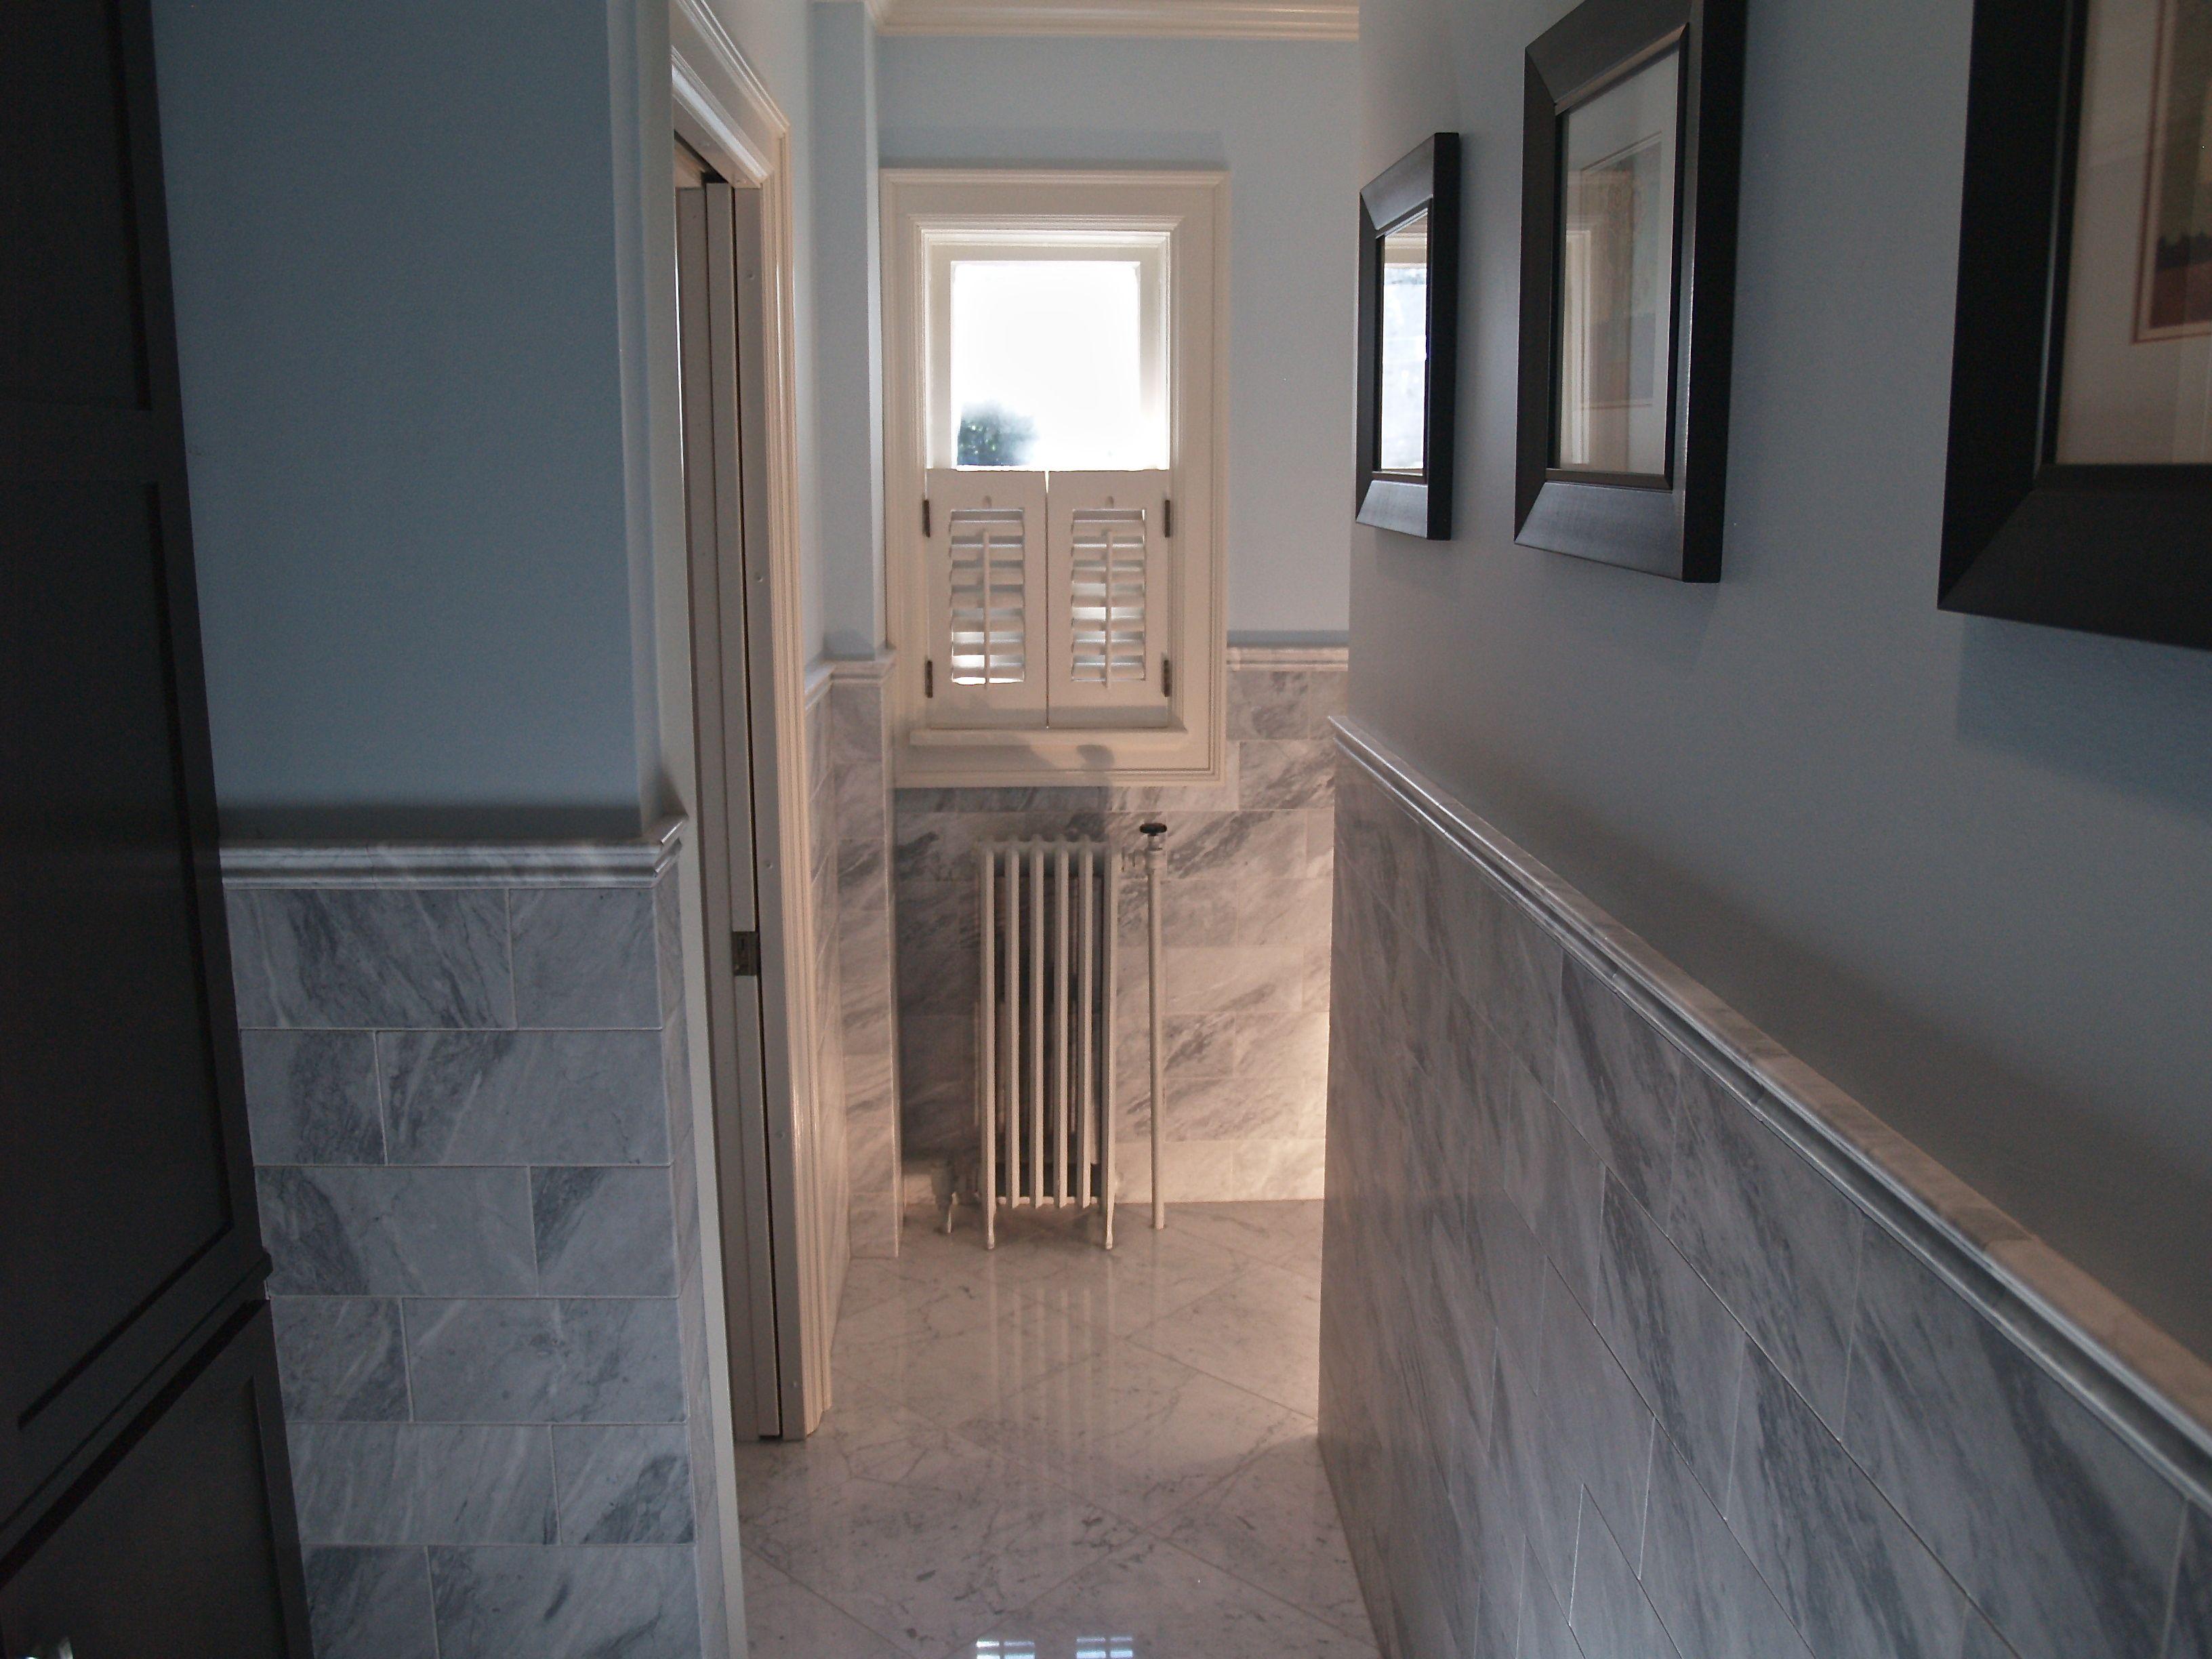 Chair Rail Cap Part - 38: Carrara Gioia Marble Floors U0026 Walls With A Stunning Marble Chair Rail Cap-  Perfection!